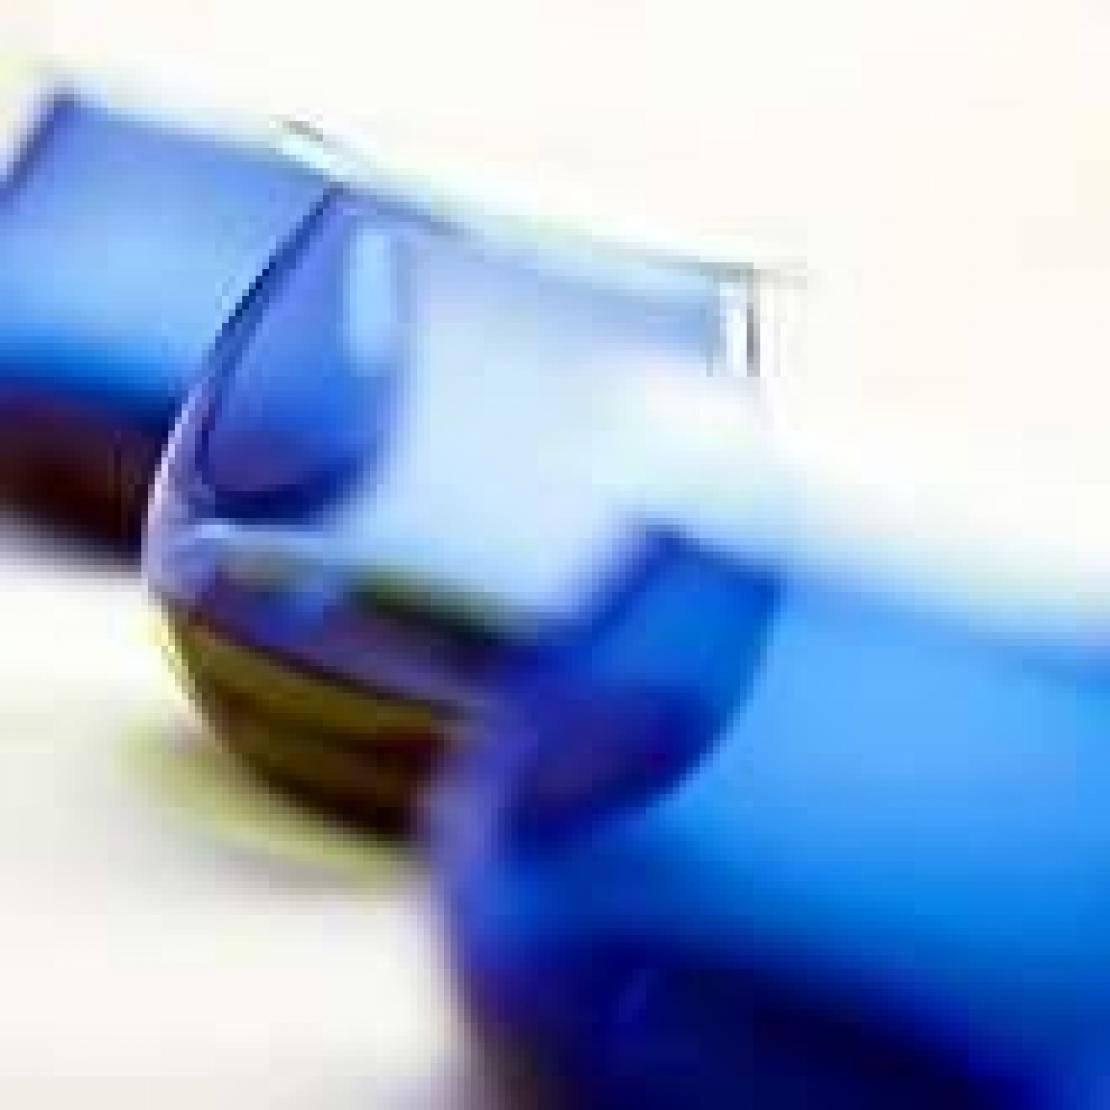 Abolizione del panel test per l'olio d'oliva? Se ne può discutere